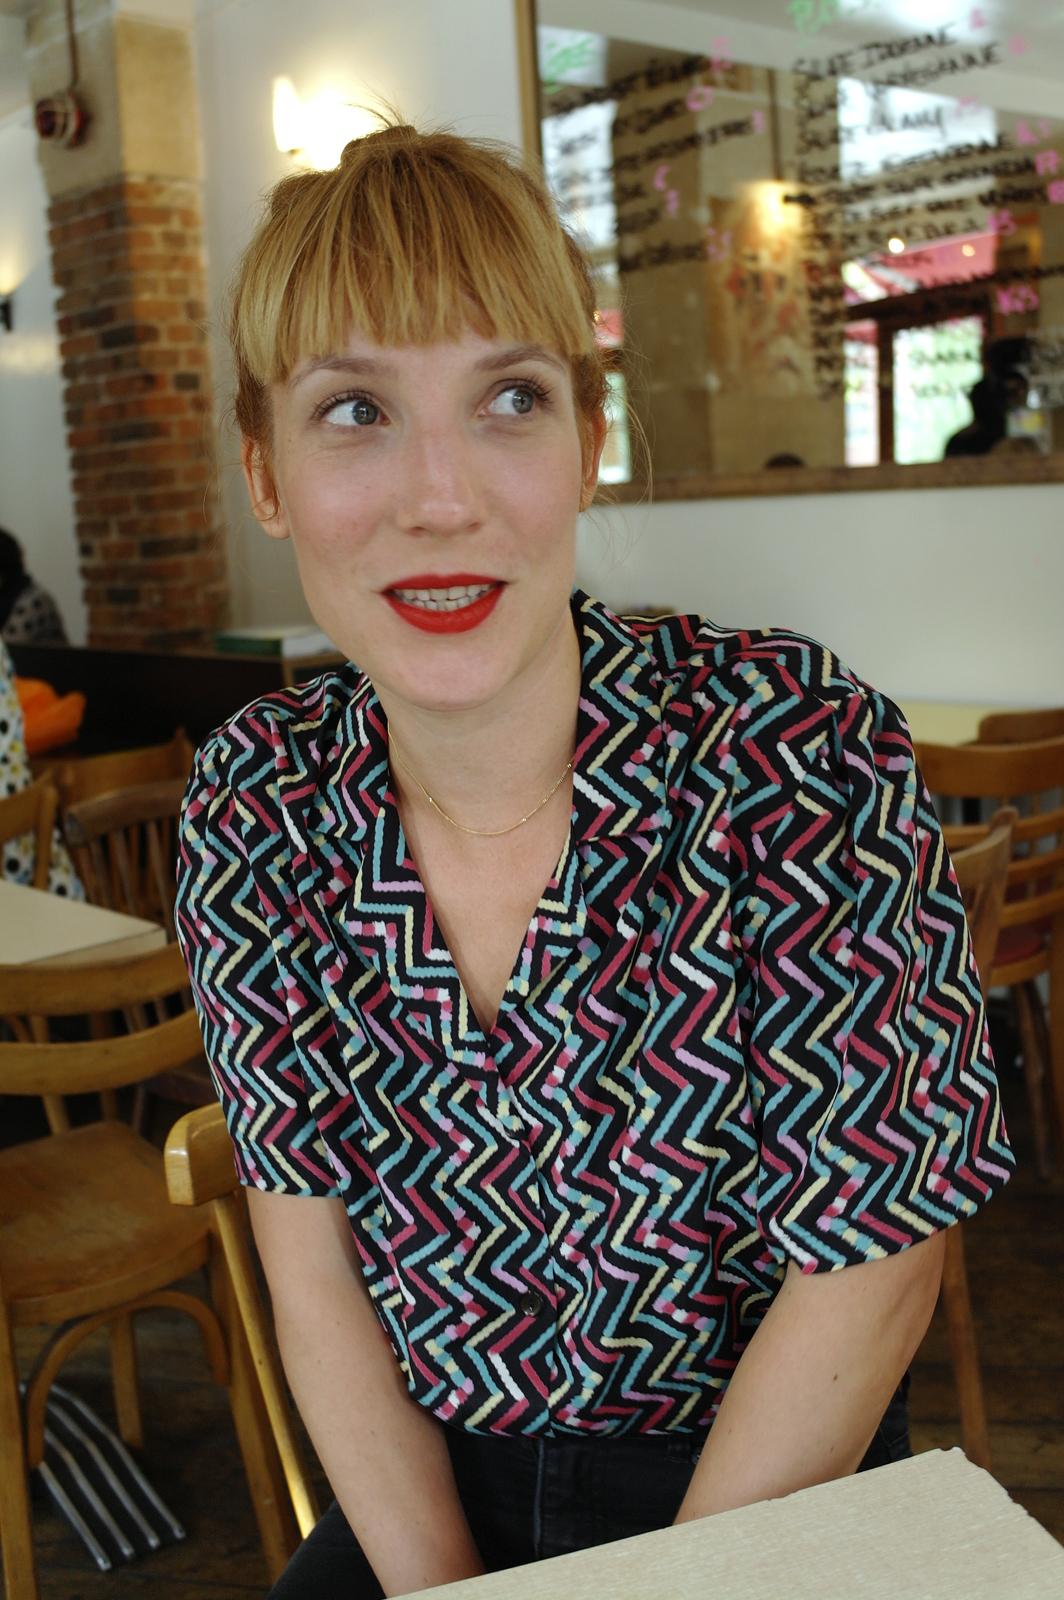 Zaza Fournier chanteuse interview album Le Départ concert tournée photo by joël clergiot united states of paris blog